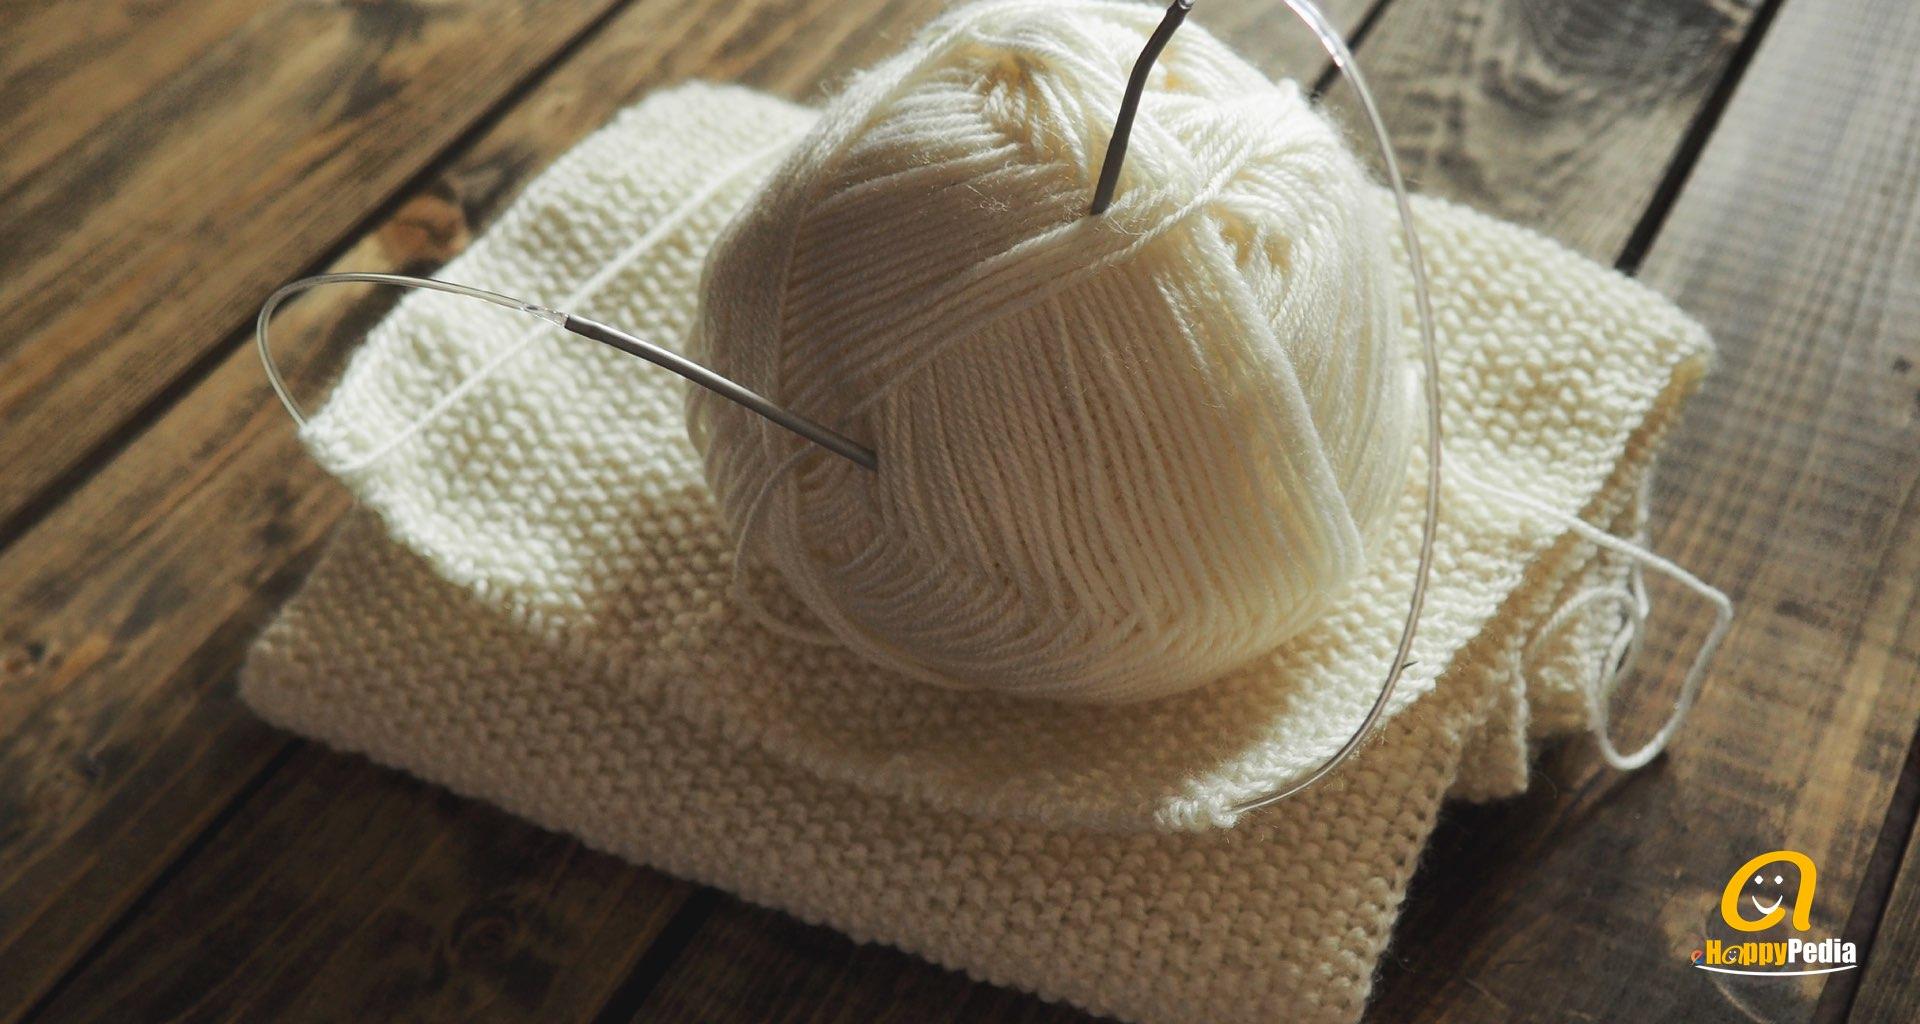 blog - object white wool ball.jpeg